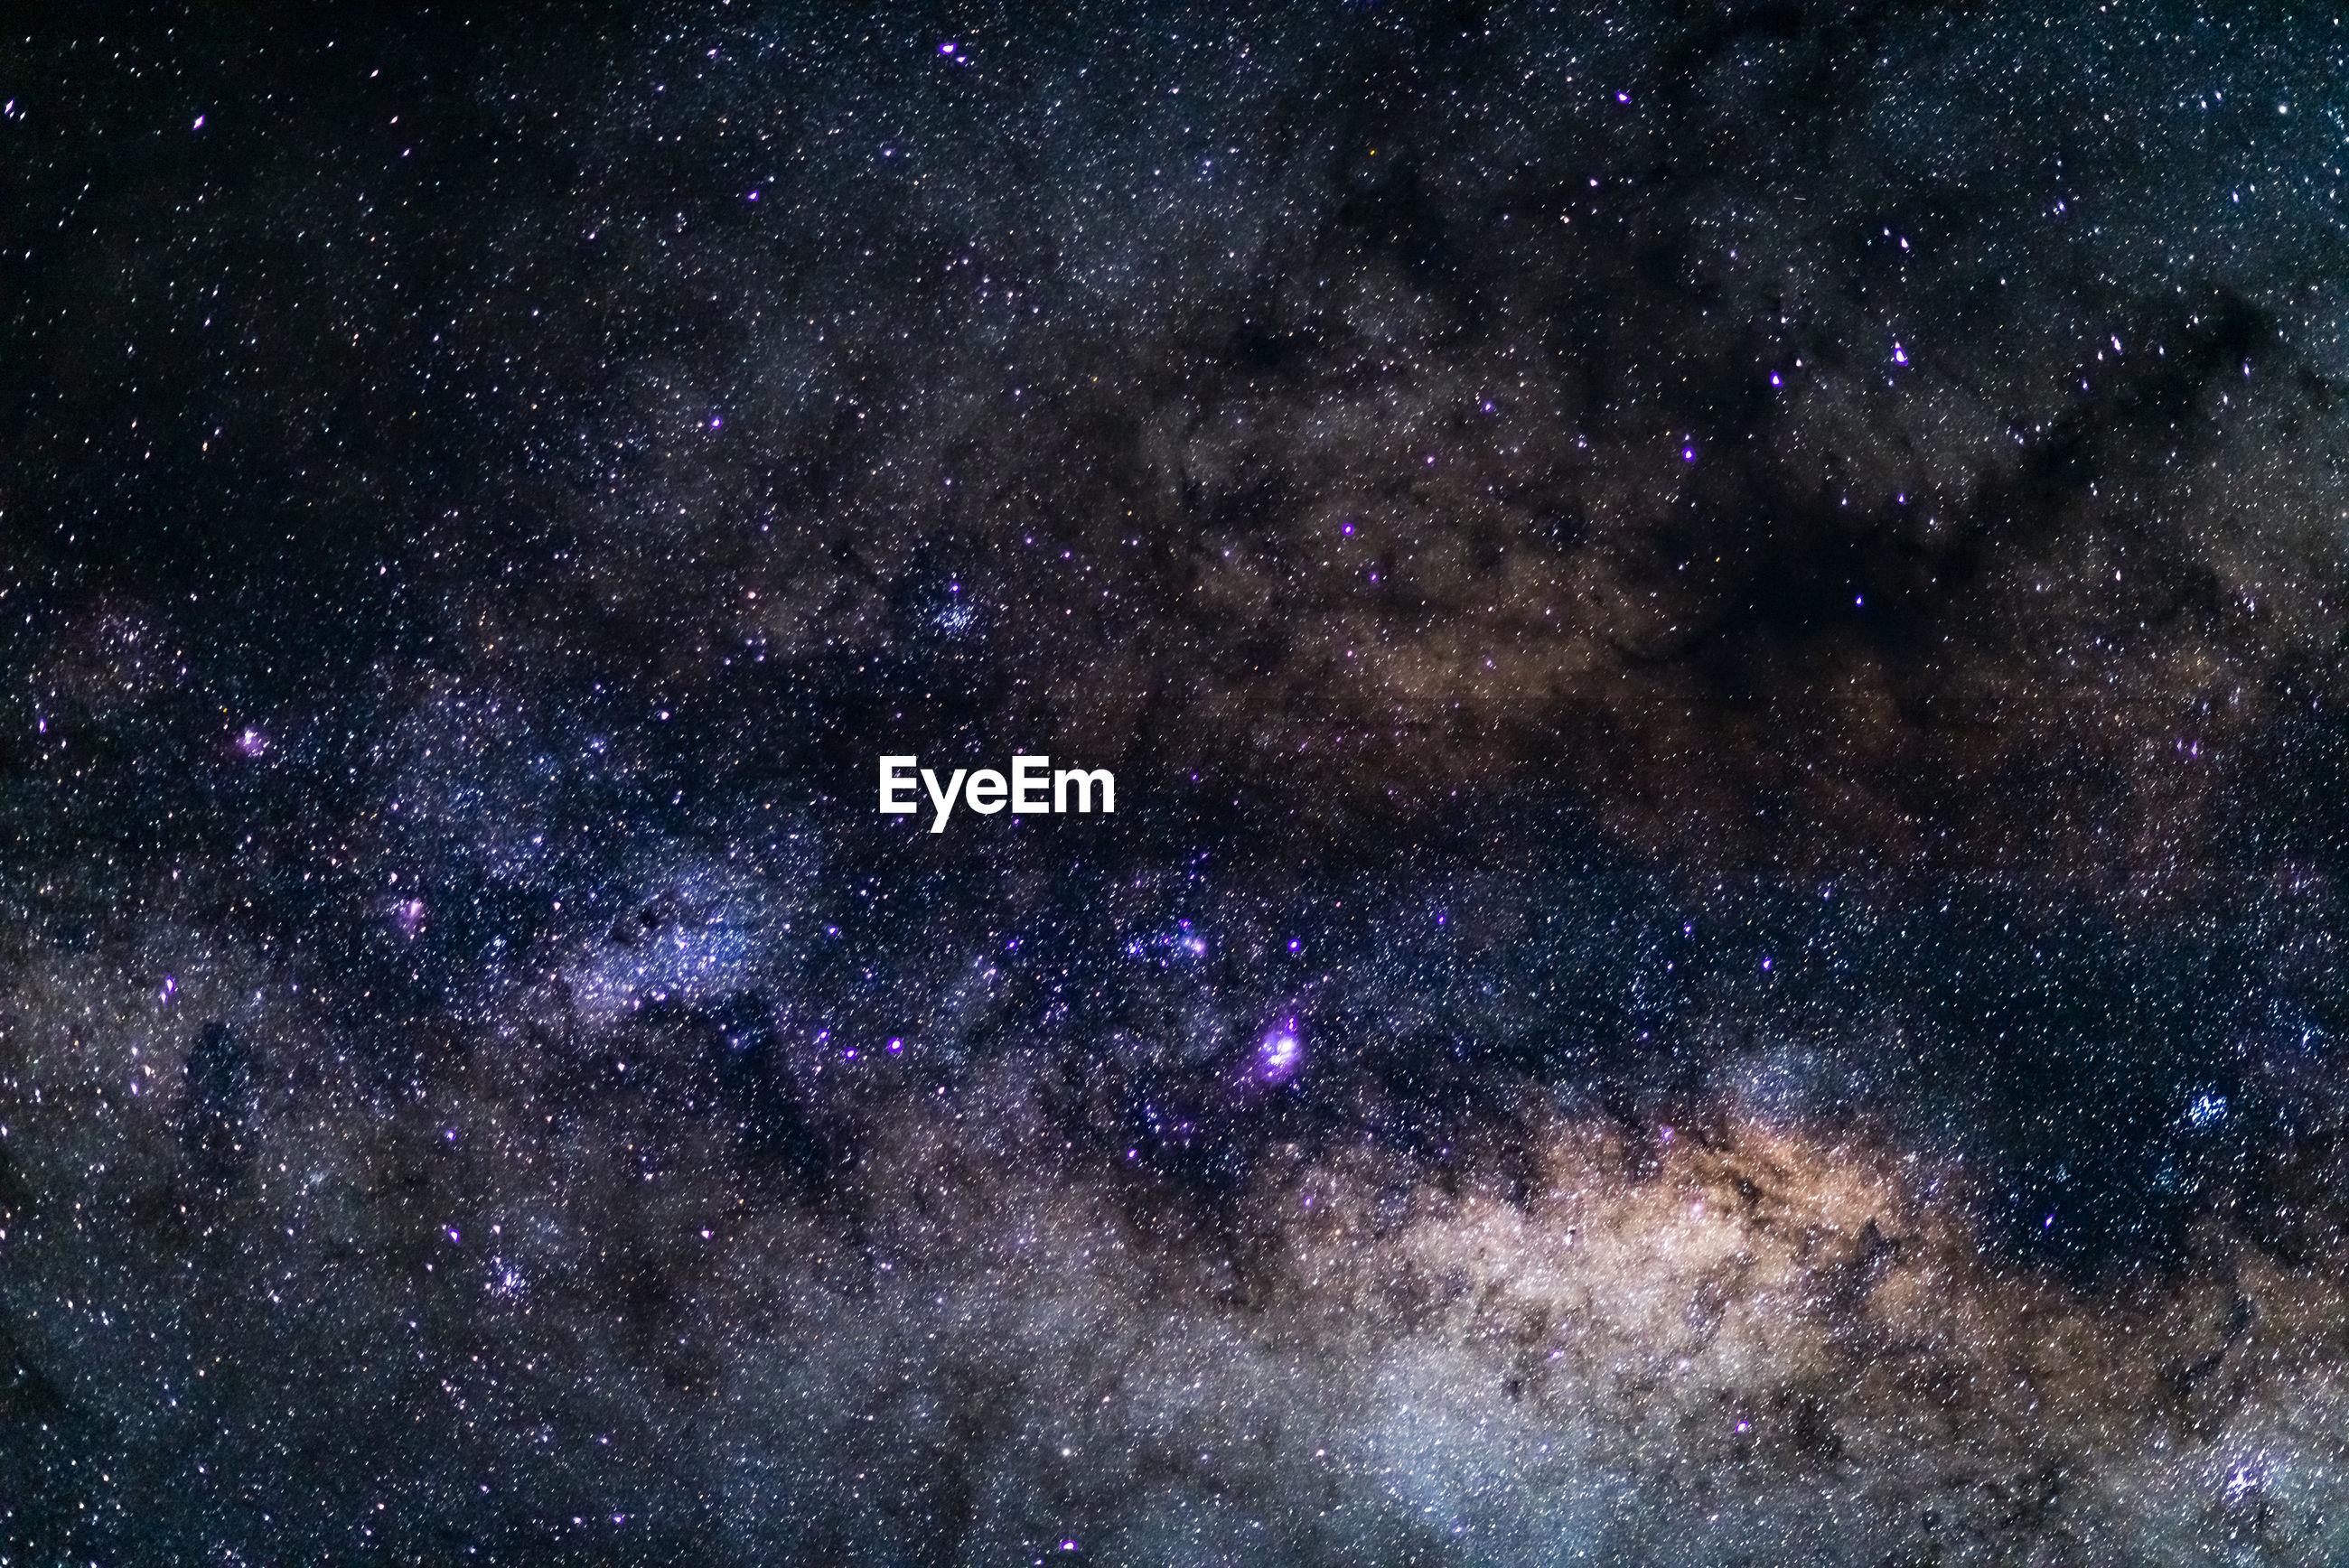 FULL FRAME SHOT OF STAR FIELD AGAINST SKY